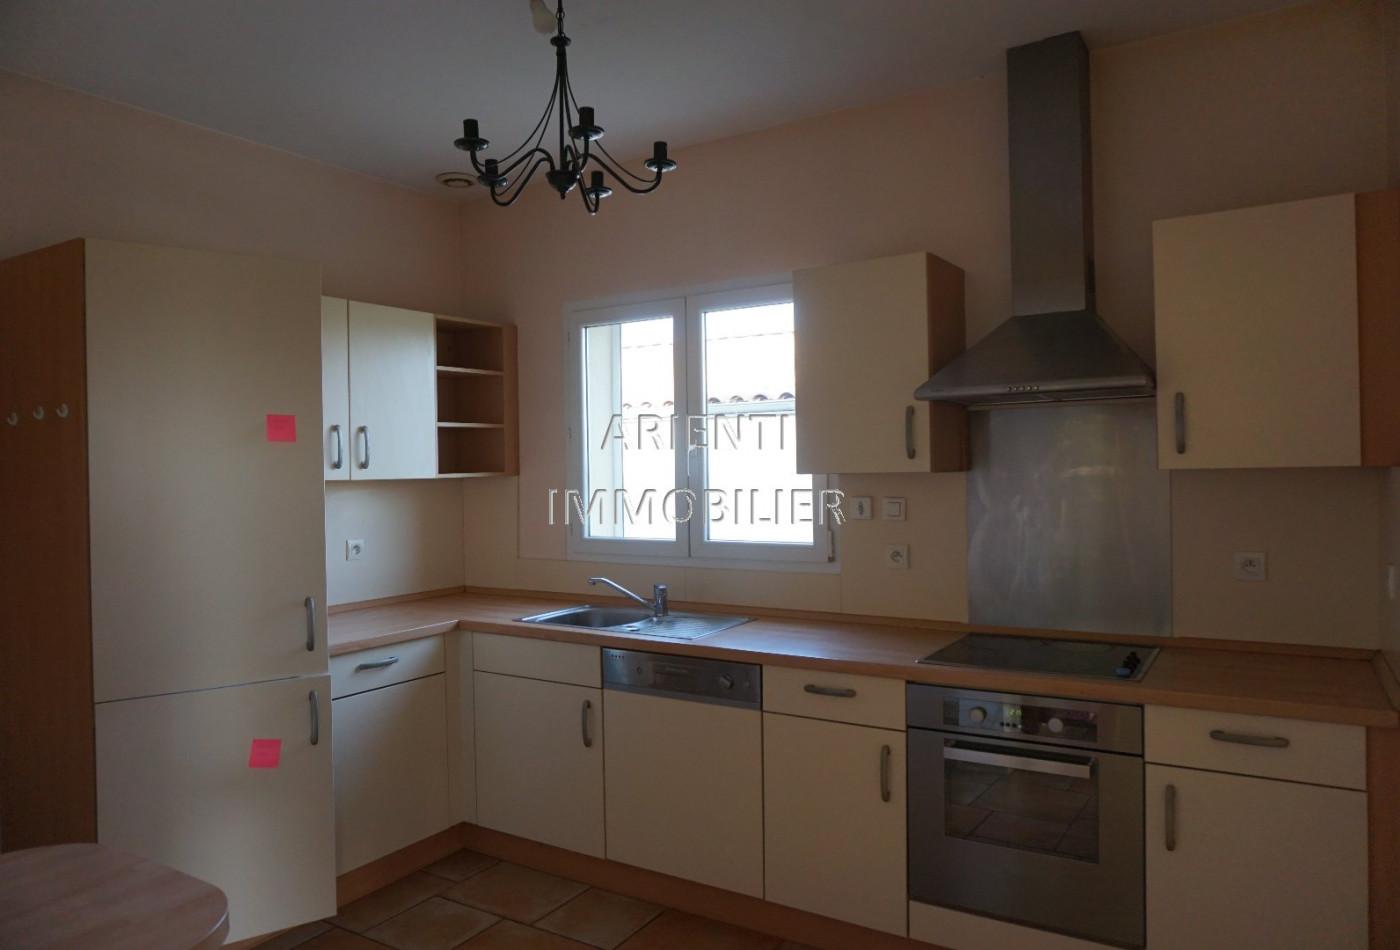 A vendre Marsanne 260013289 Office immobilier arienti